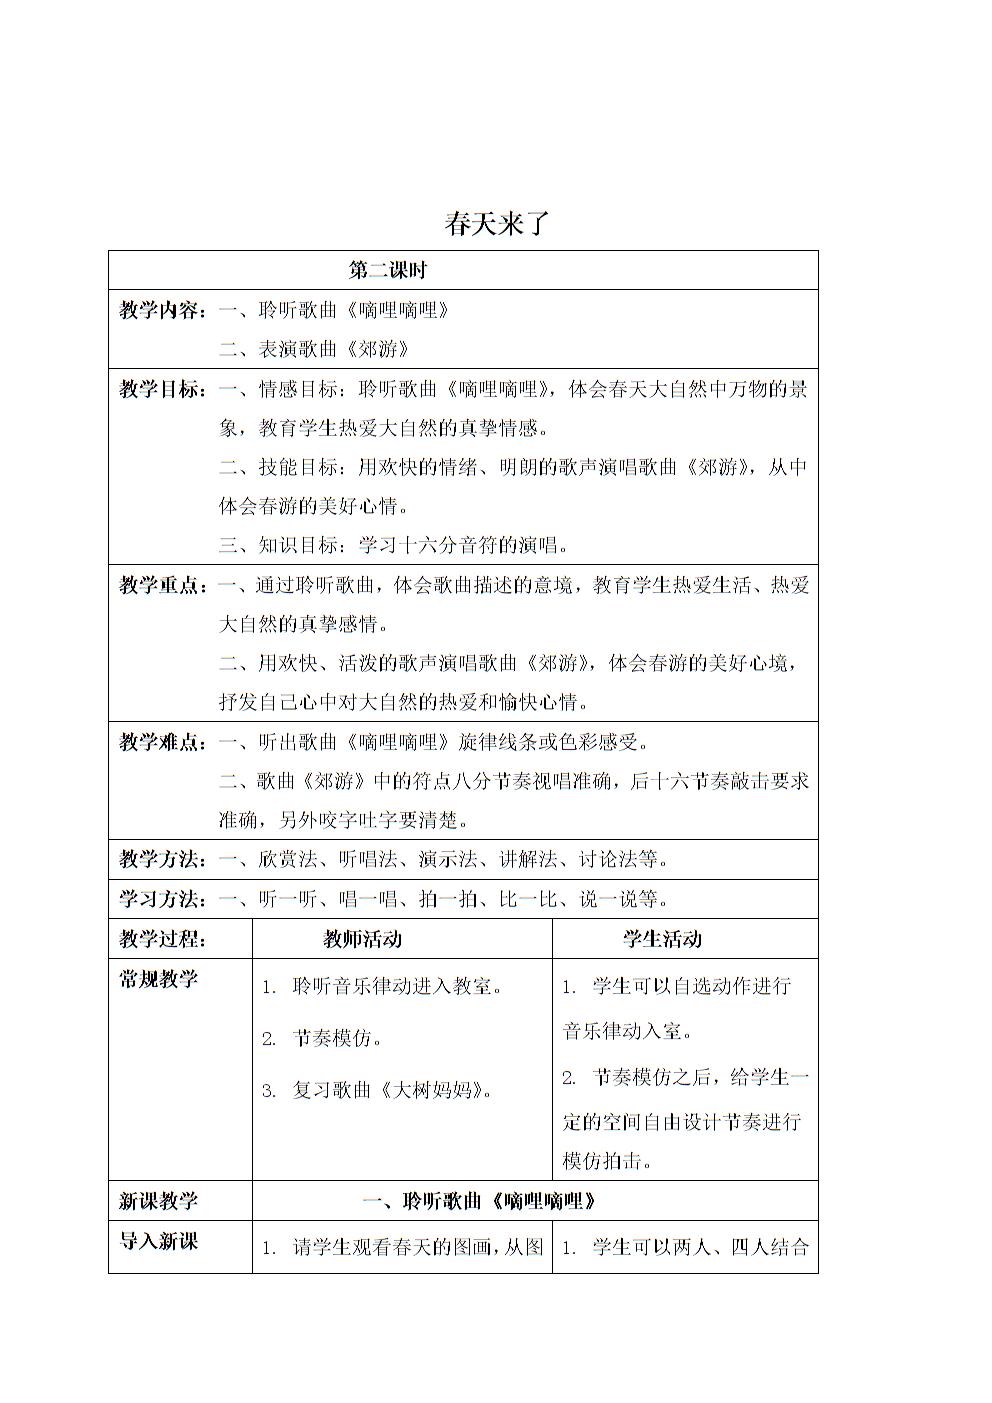 (人音版)二年级音乐下册教案 春天来了(第二课时).doc